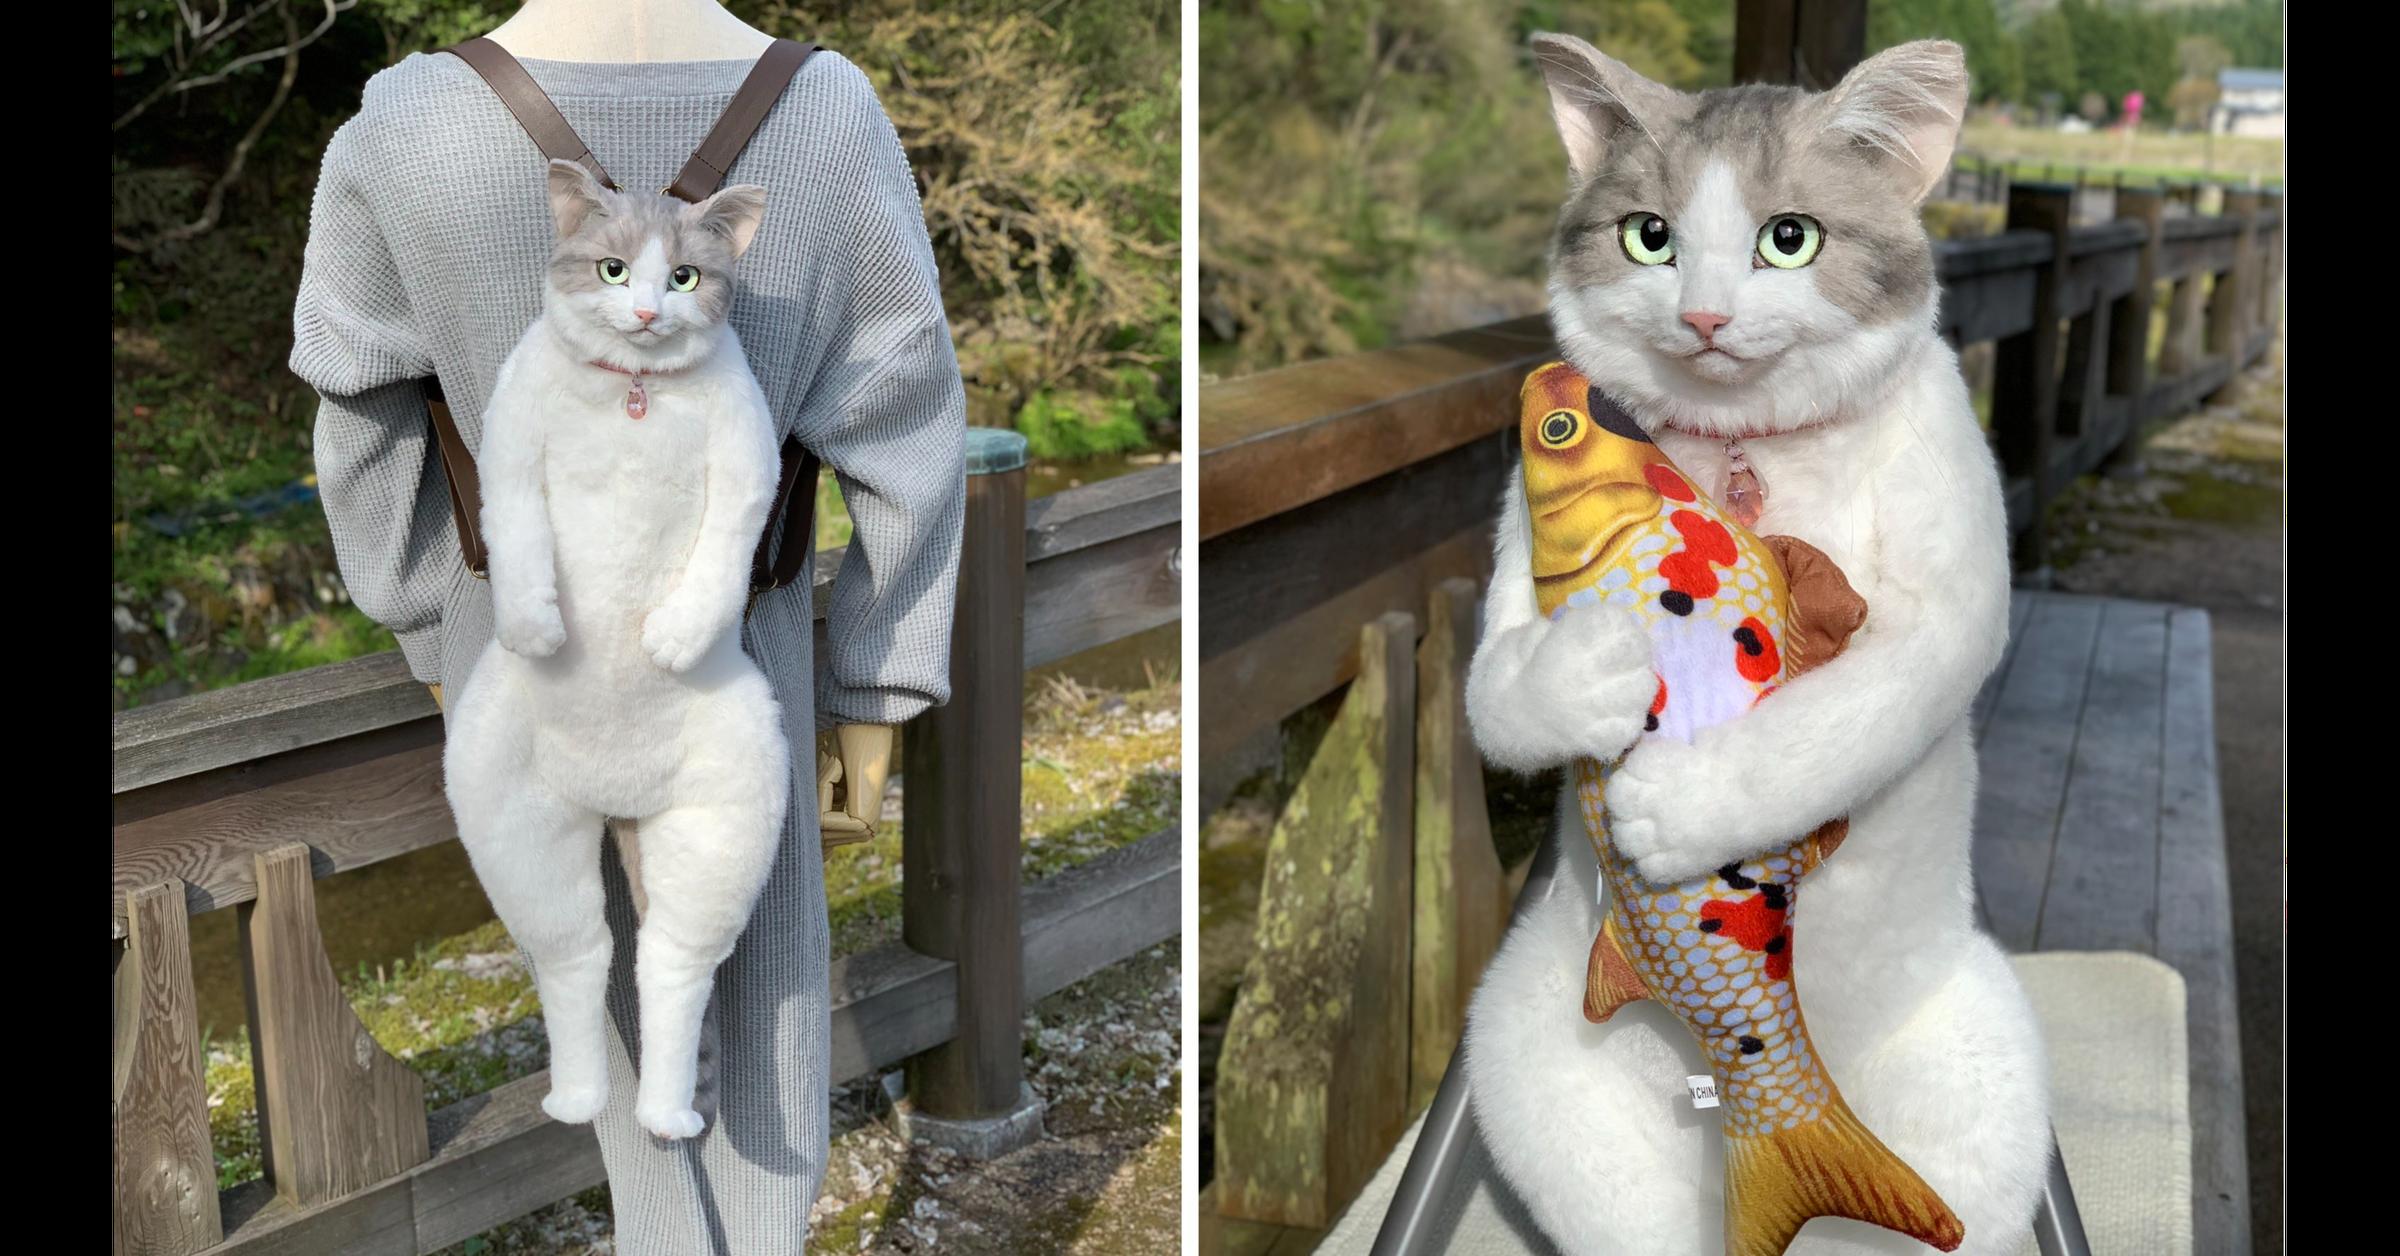 照片中提到了NCHINA,包含了貓、貓、動物群、Fur'M